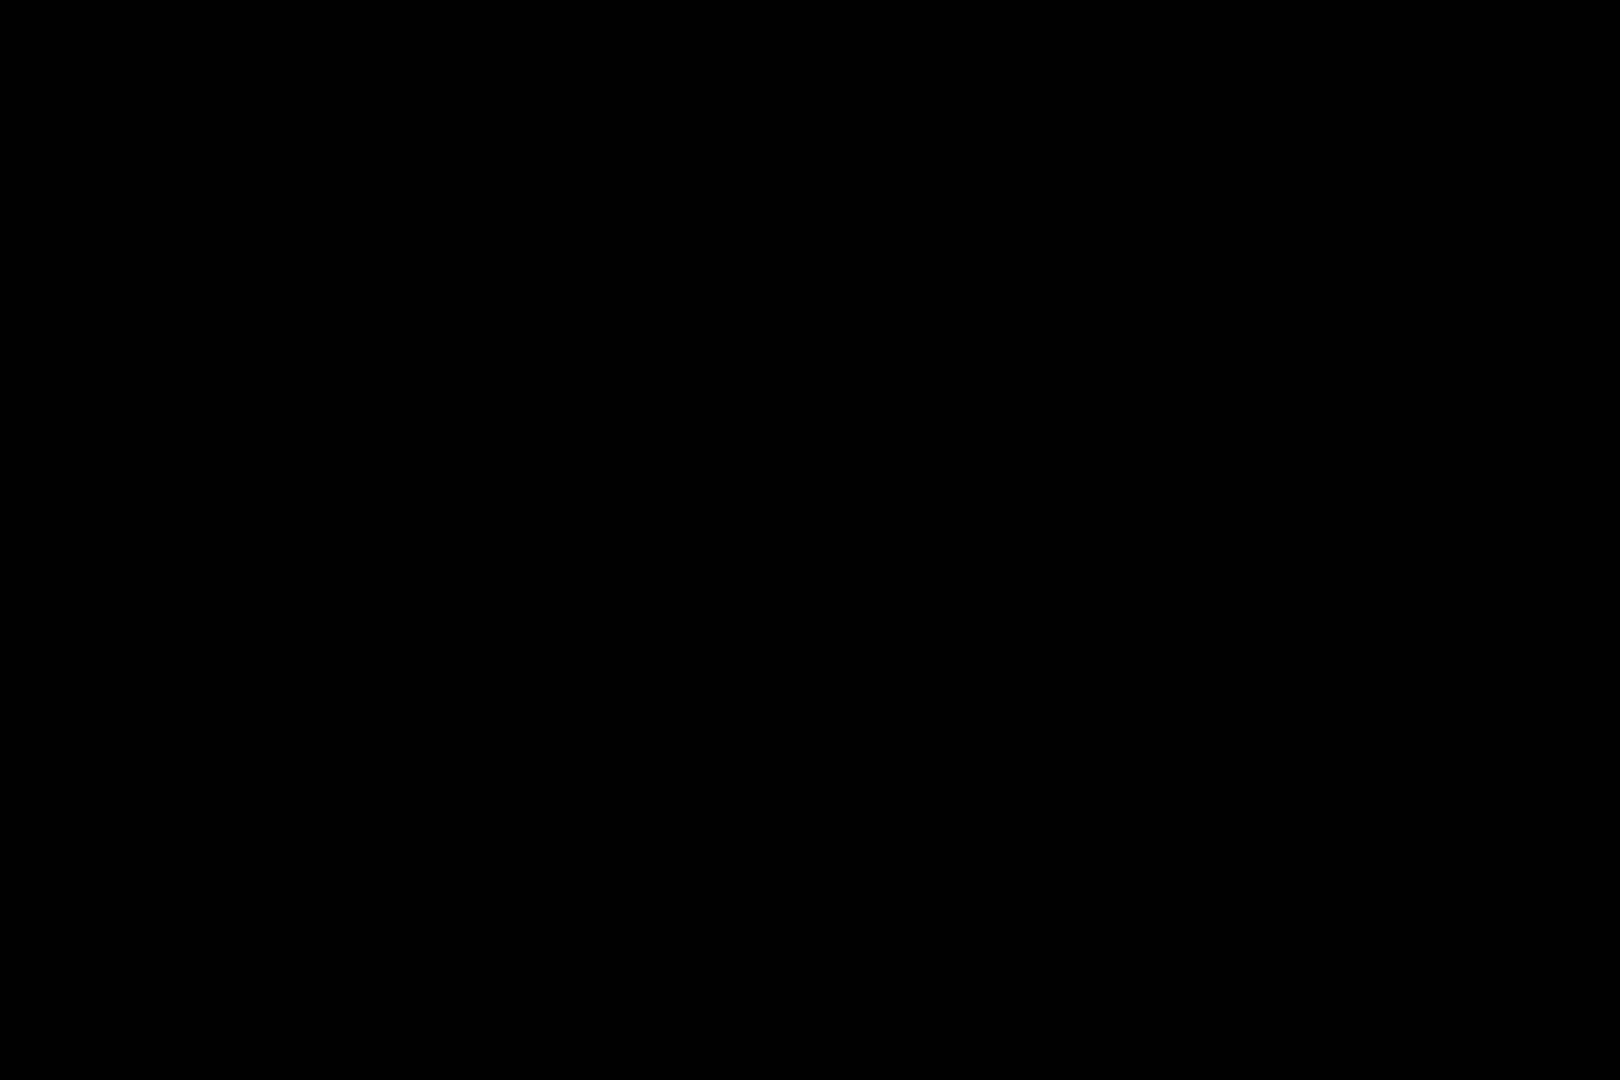 三ツ星シリーズ 魅惑のMemorial Night!! vol.04 フェラ ゲイAV画像 114枚 4